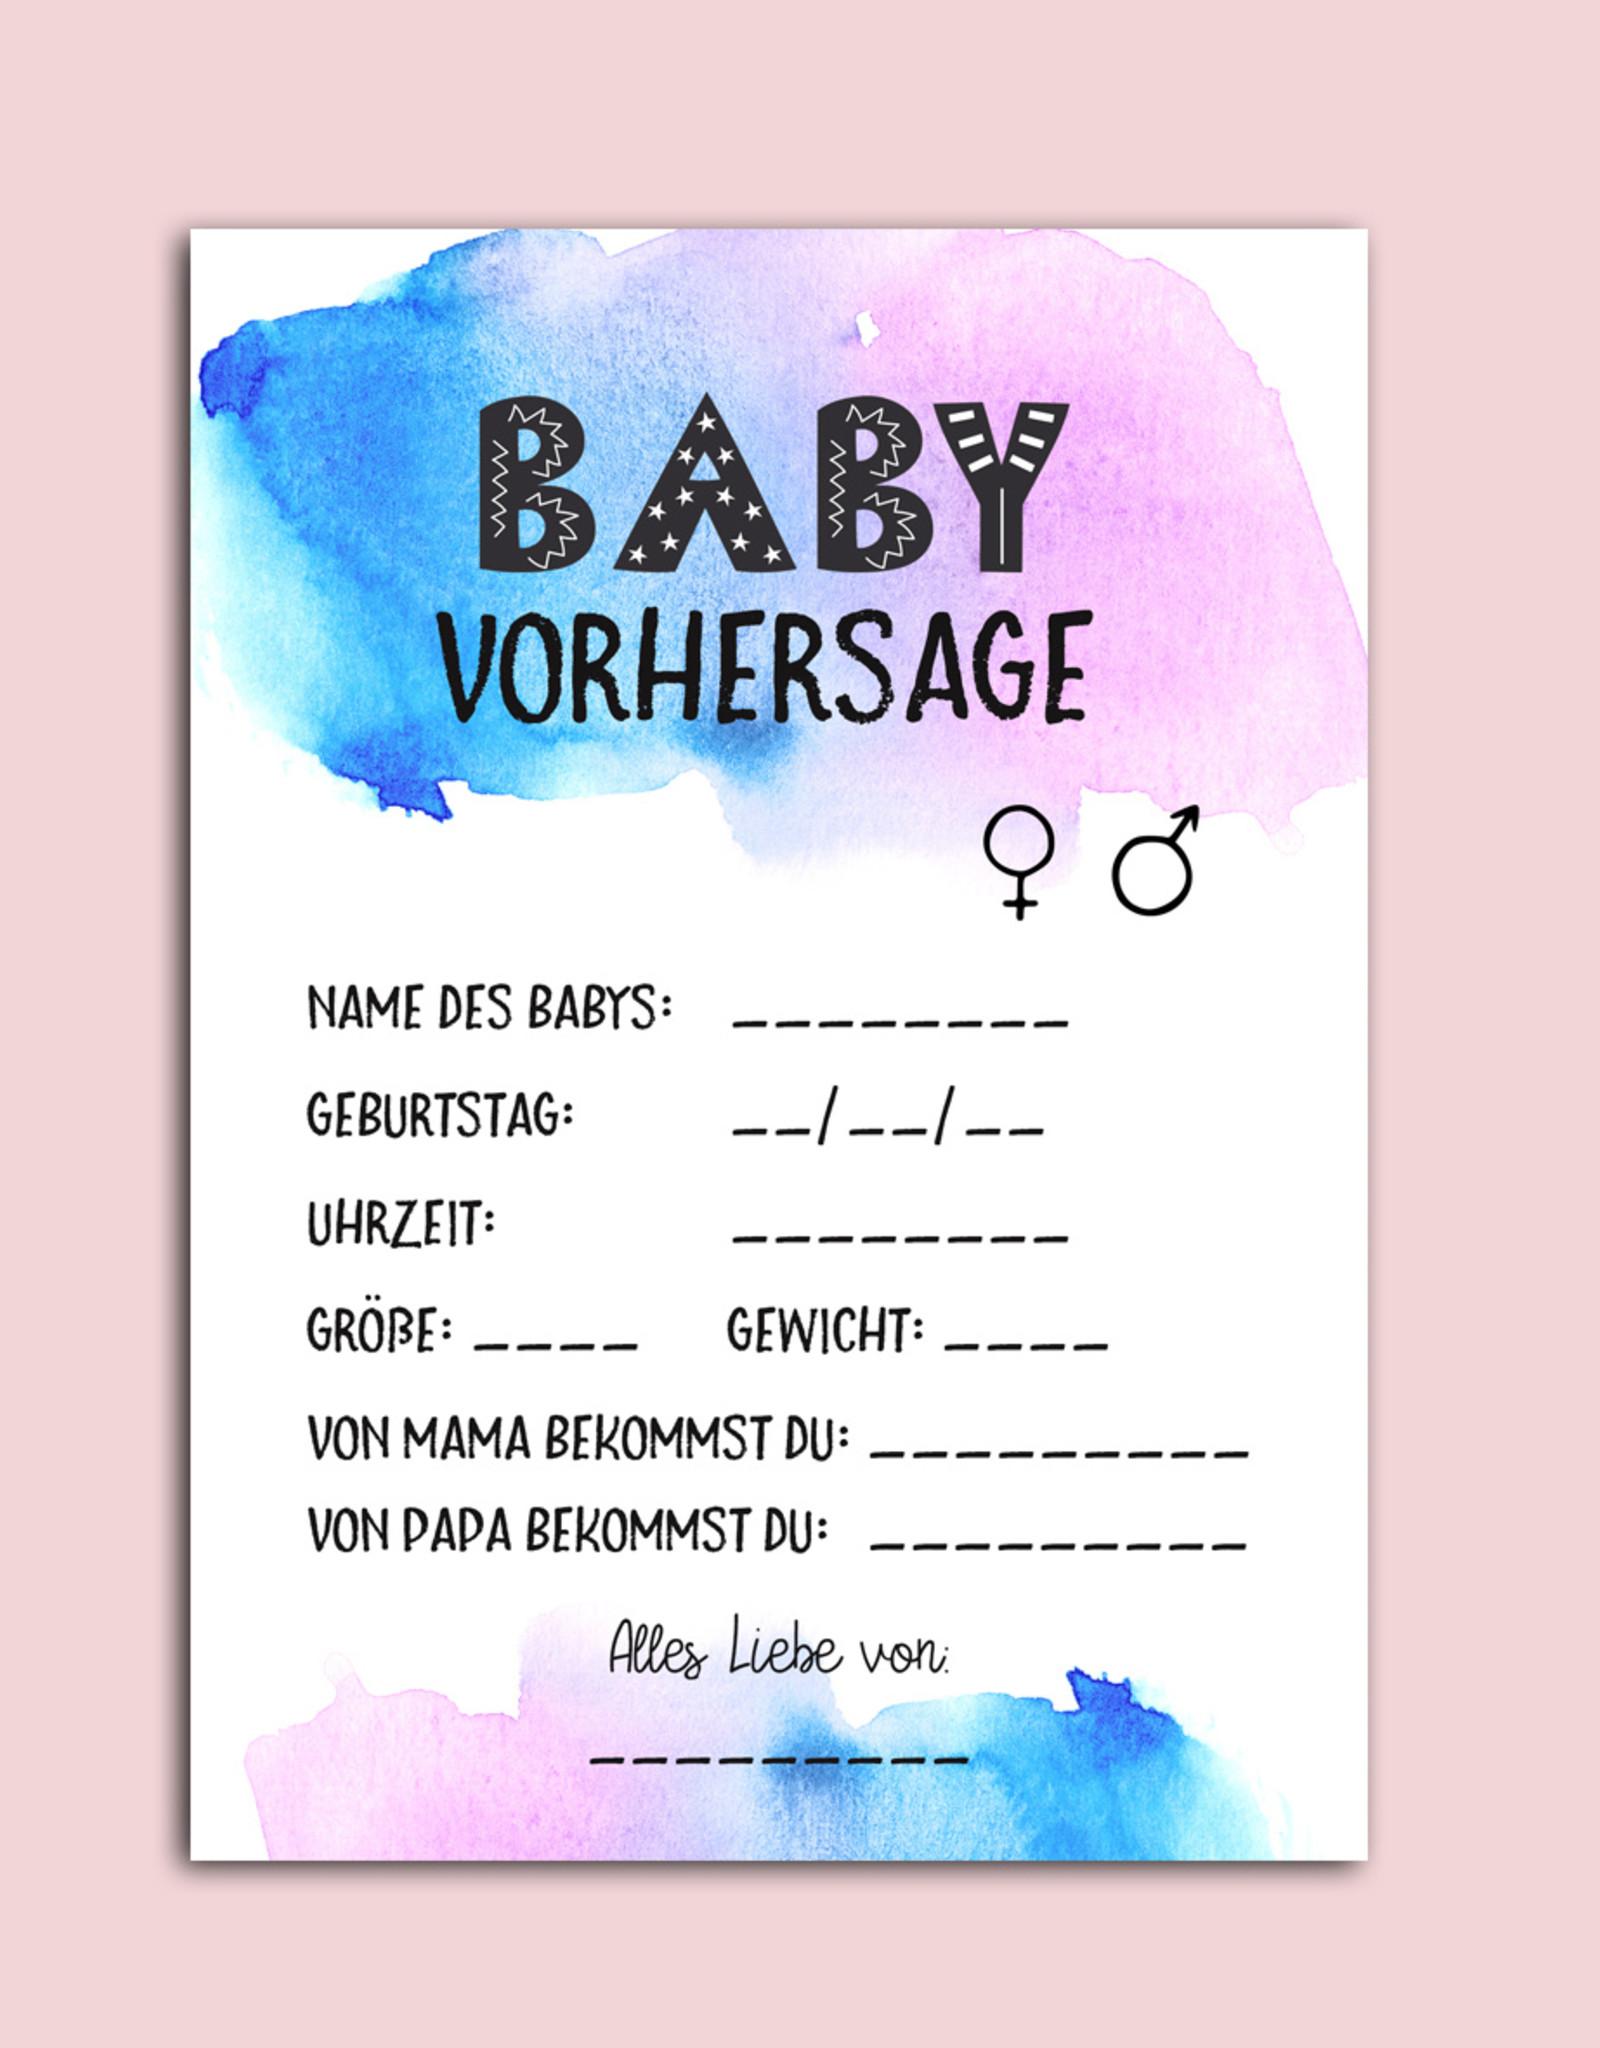 10 x Baby Vorhersage Karten Babyparty Tipp Spiel Pullerparty Spiel, Baby Party Spiele, Babyparty Deko, Babyparty Ideen